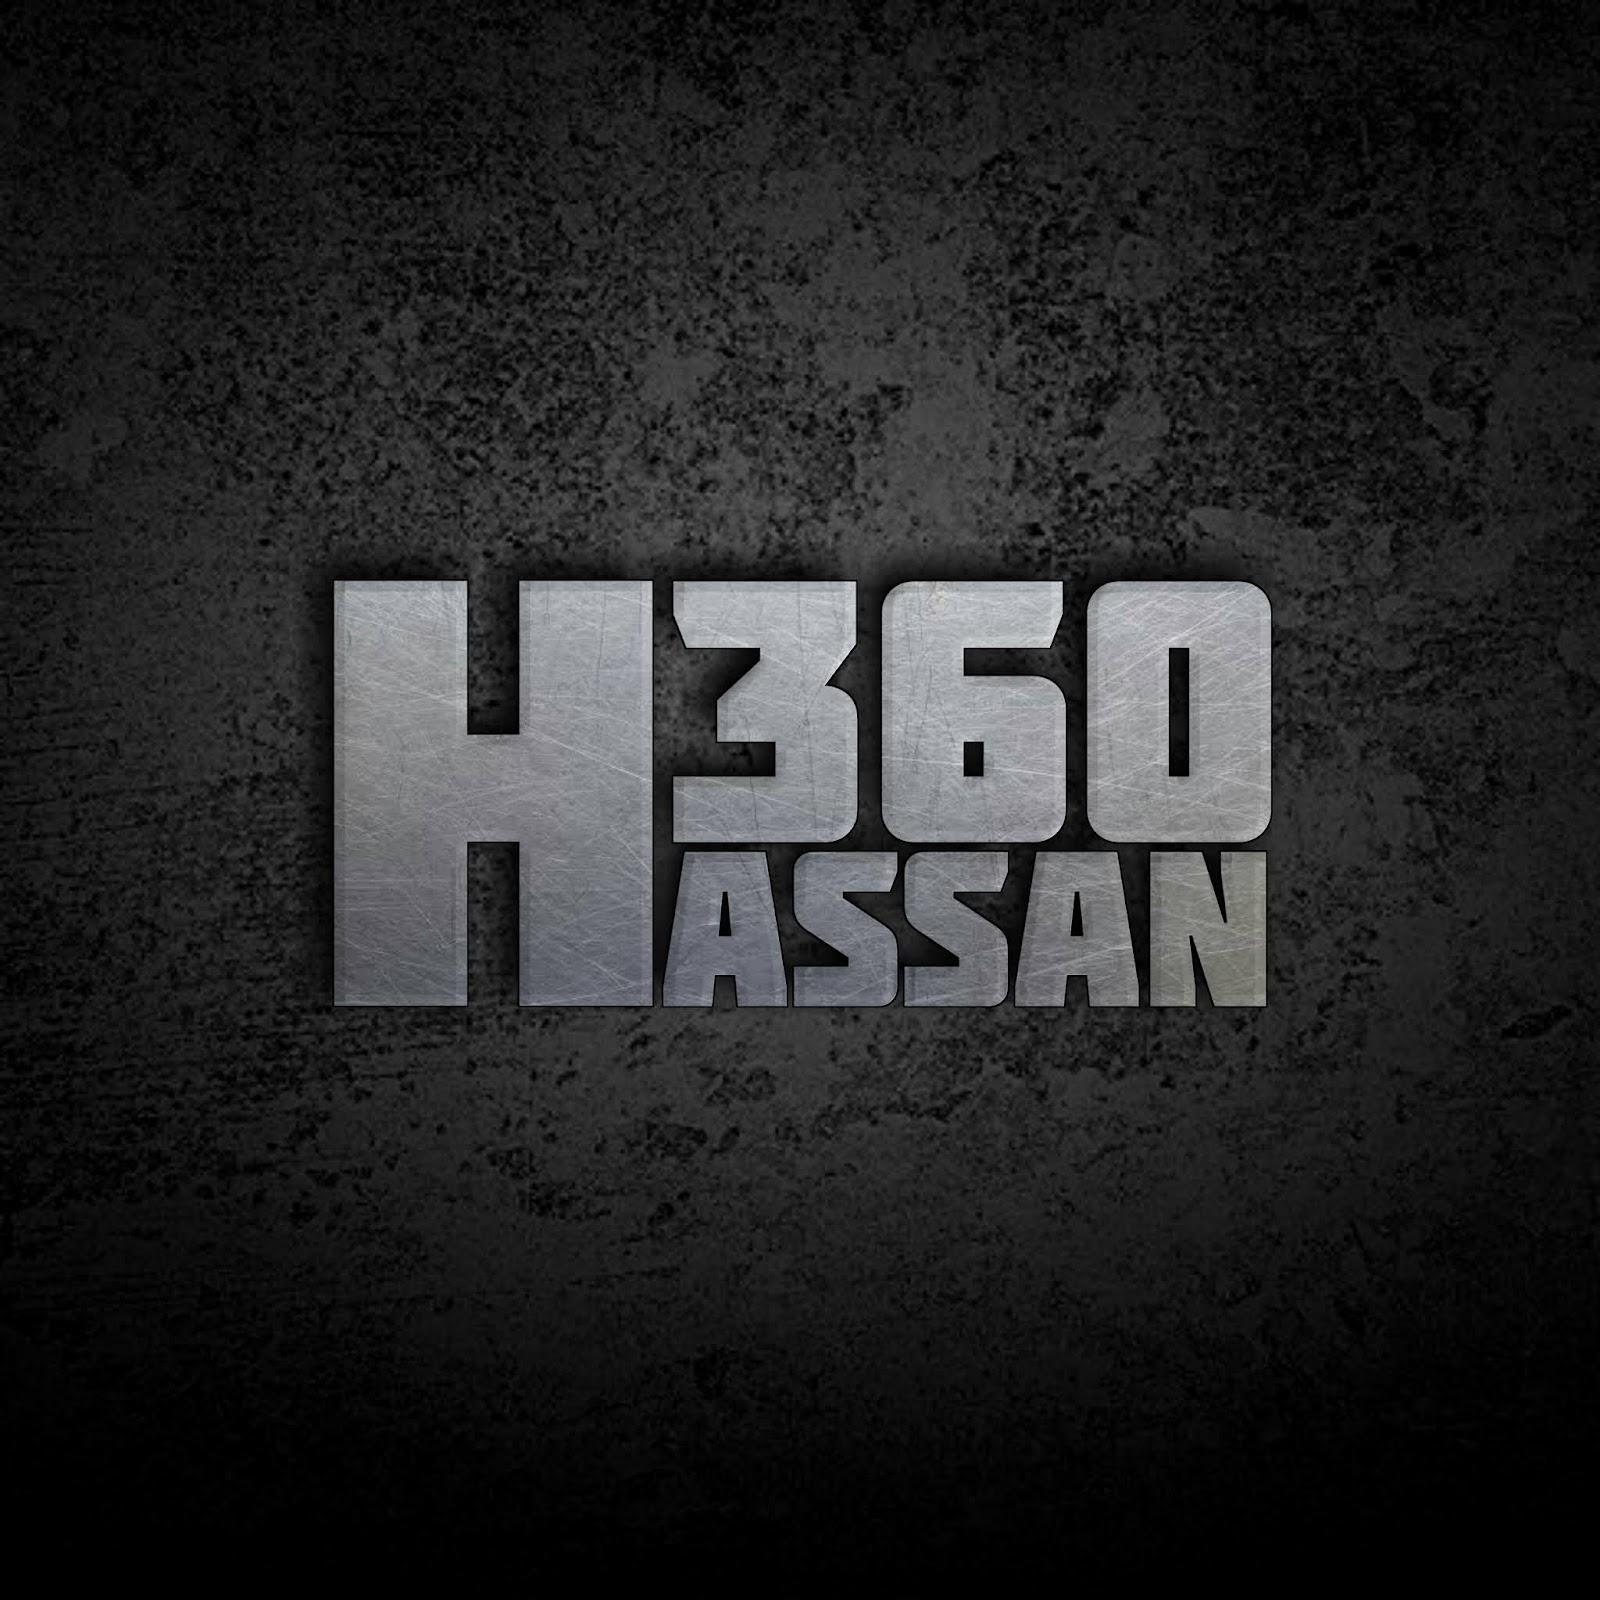 Hassan360